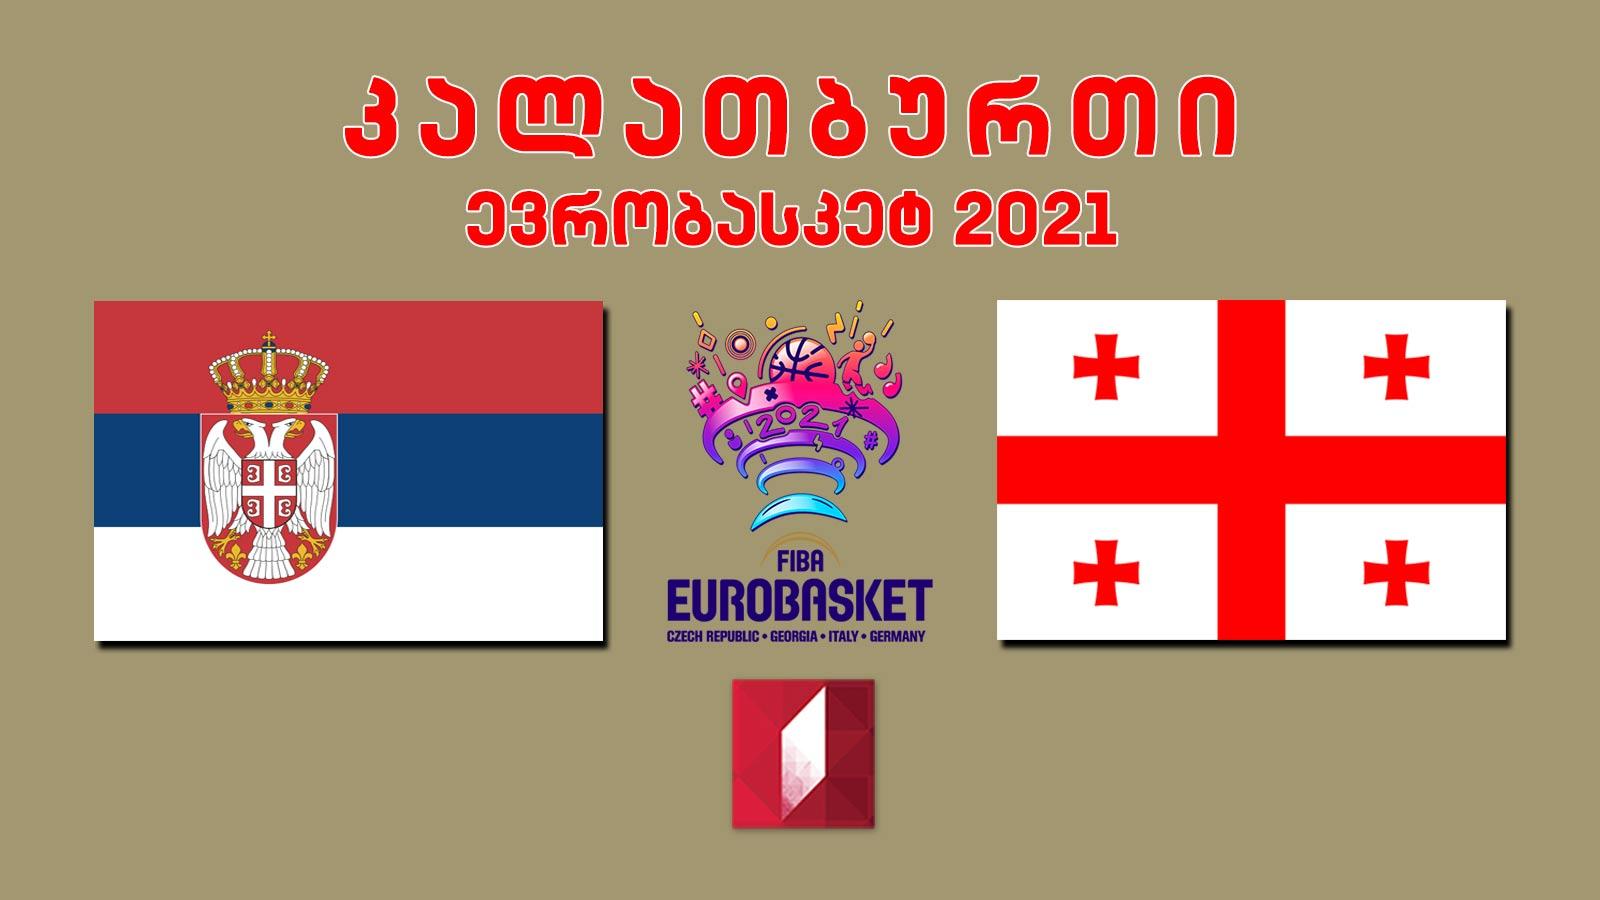 #კალათბურთი სერბეთი - საქართველო, ევროპის 2021 წლის ჩემპიონატის შესარჩევი მატჩი